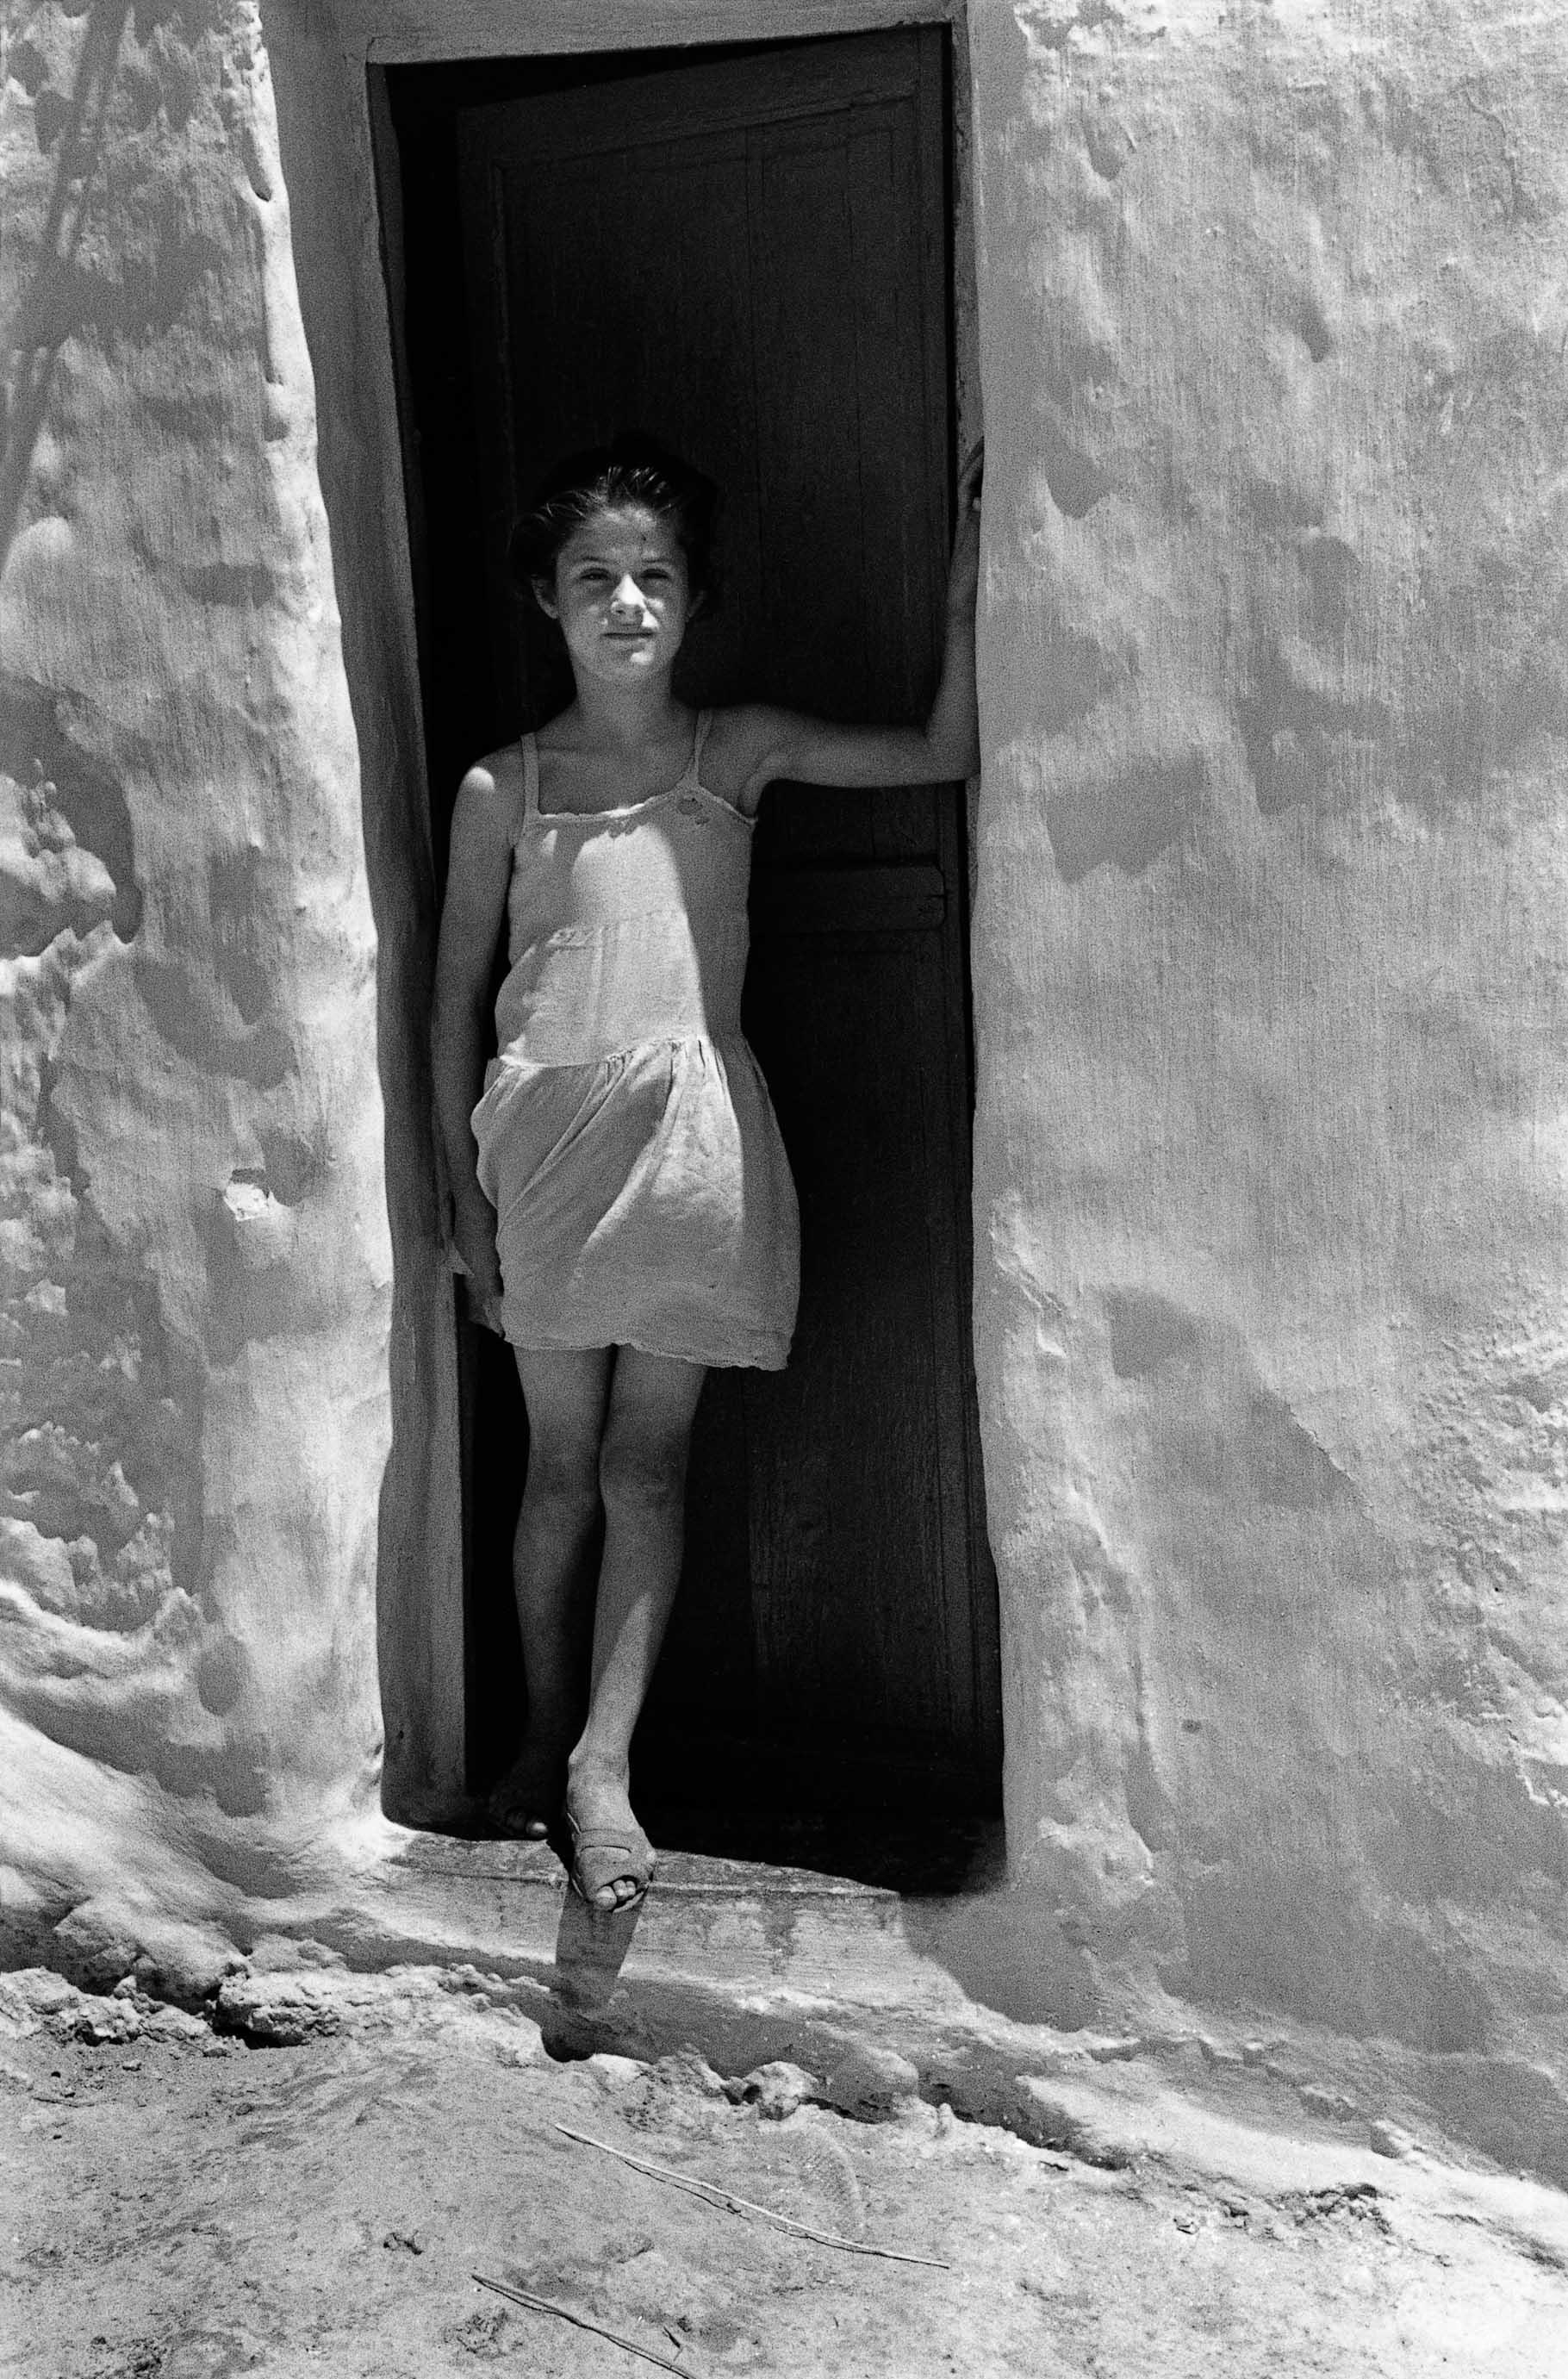 La Chanca, Almería (1957) - Carlos Pérez Siquier